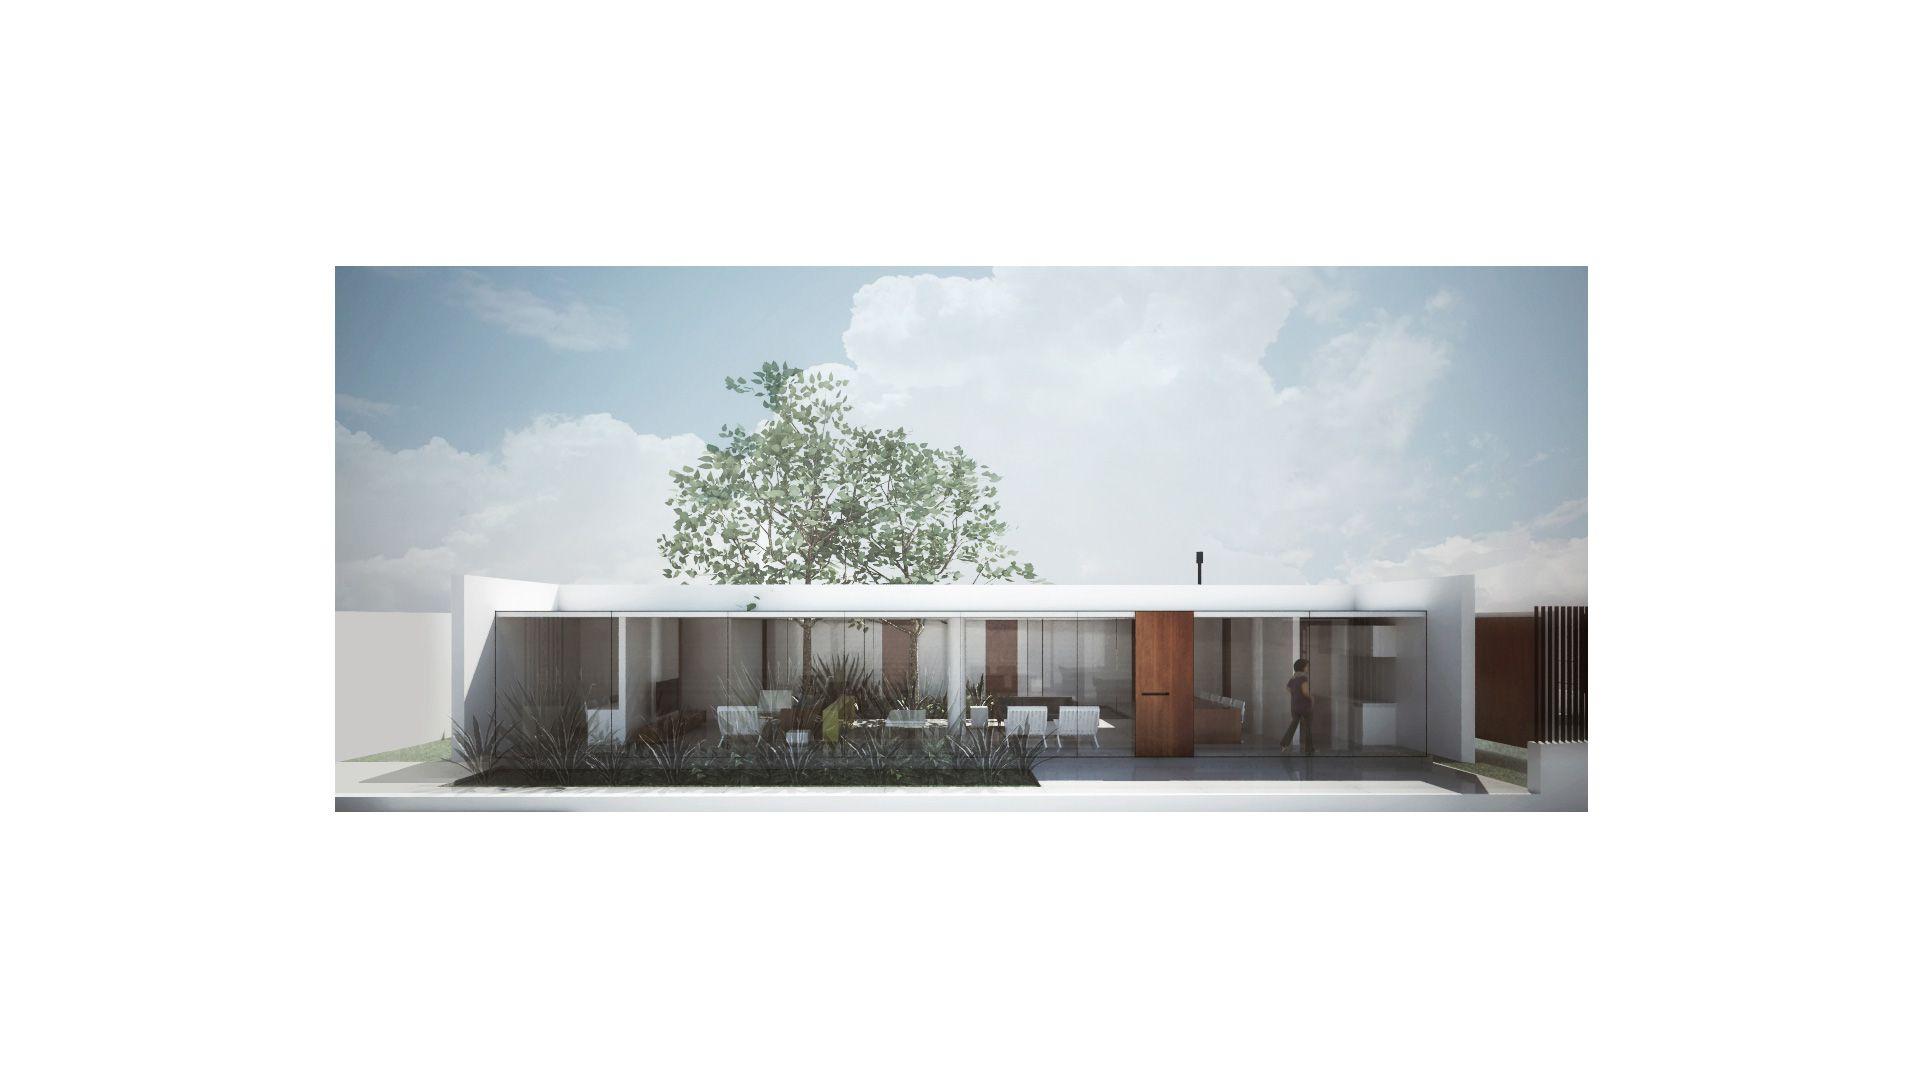 residencia-jundiai-render-interno-01